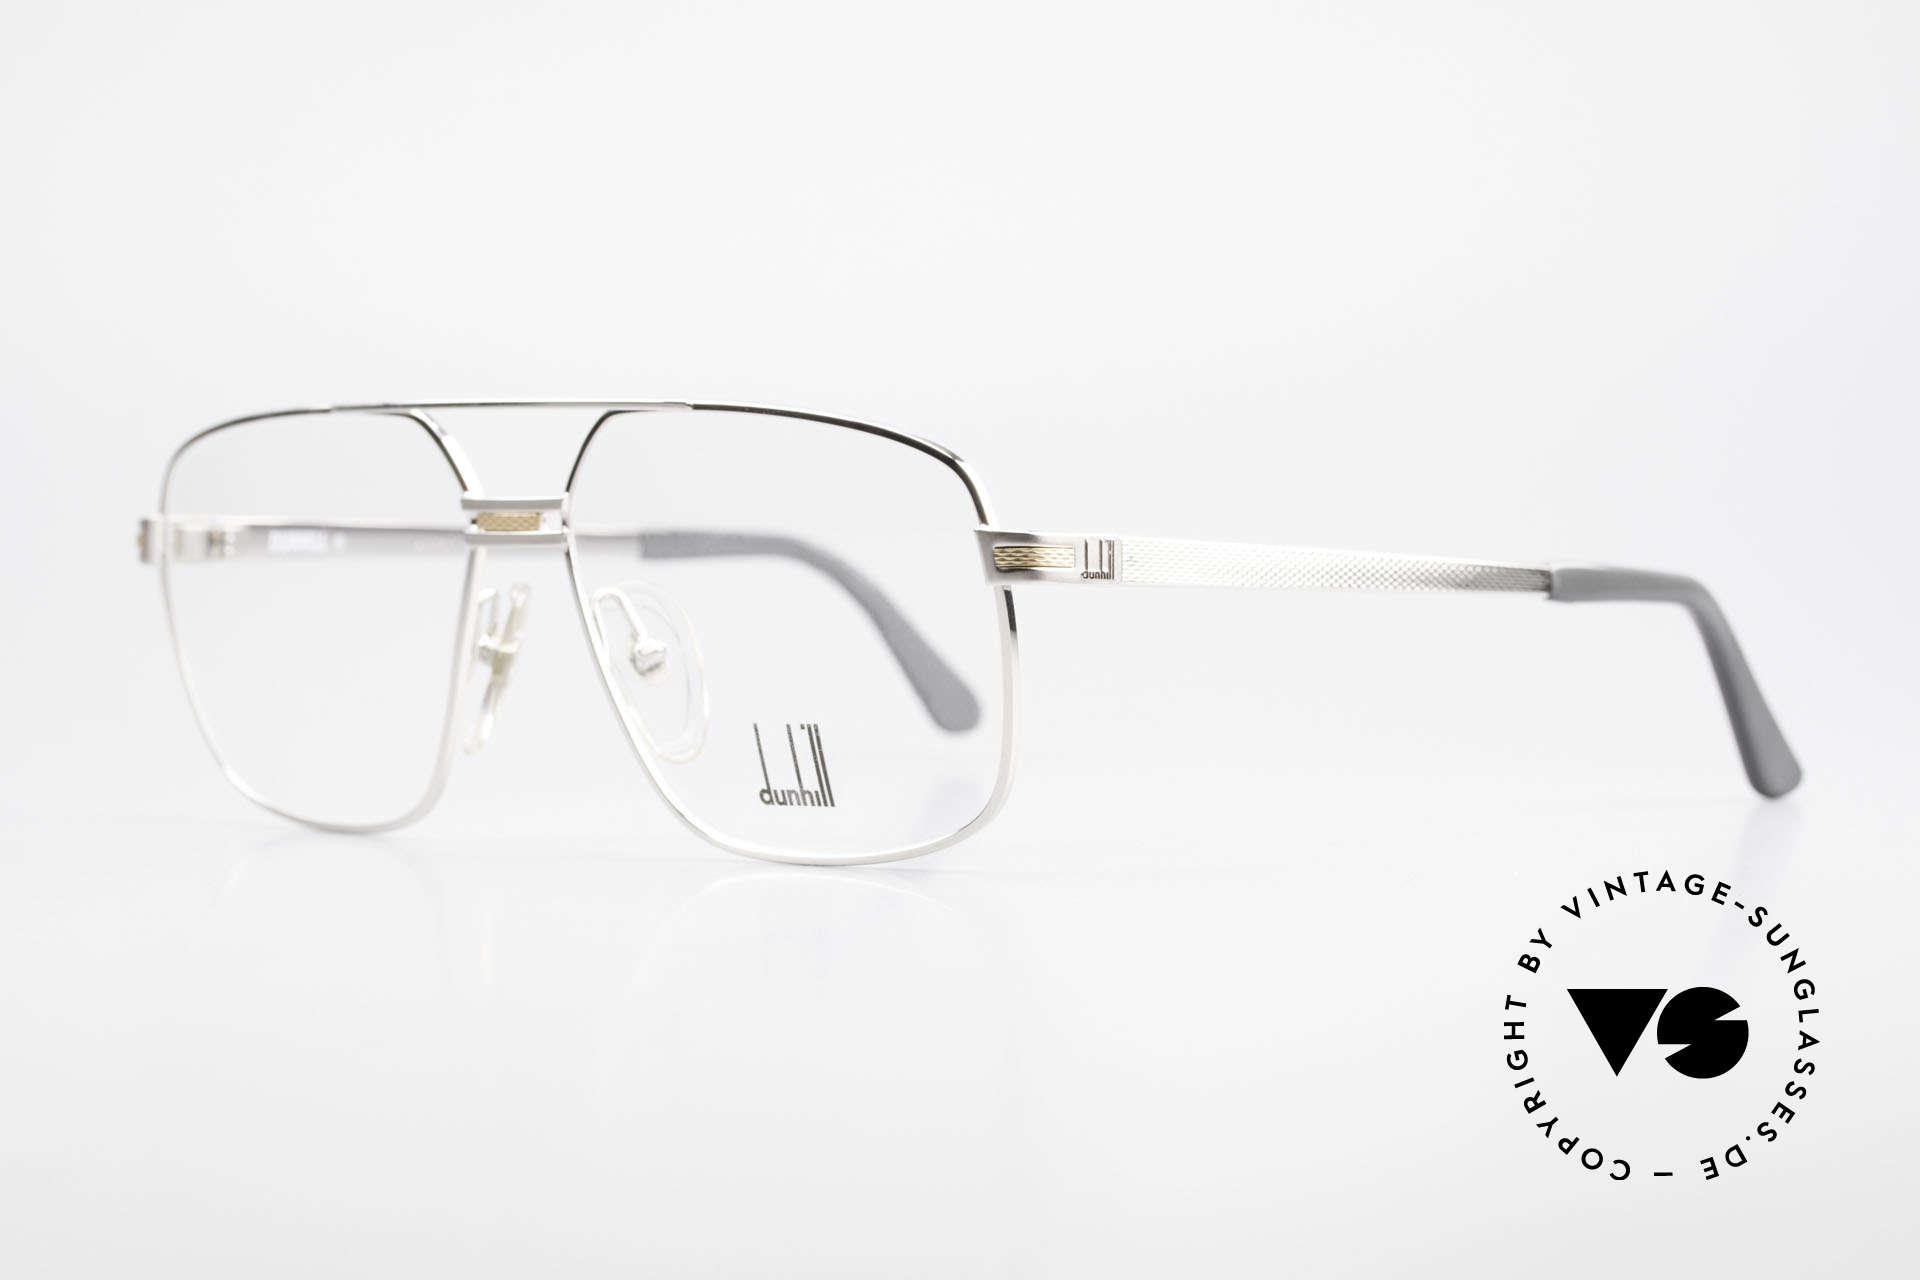 Dunhill 6134 Platinierte Luxus Brille 90er, sanfter Glanz durch hunderte winziger Facetten, Passend für Herren